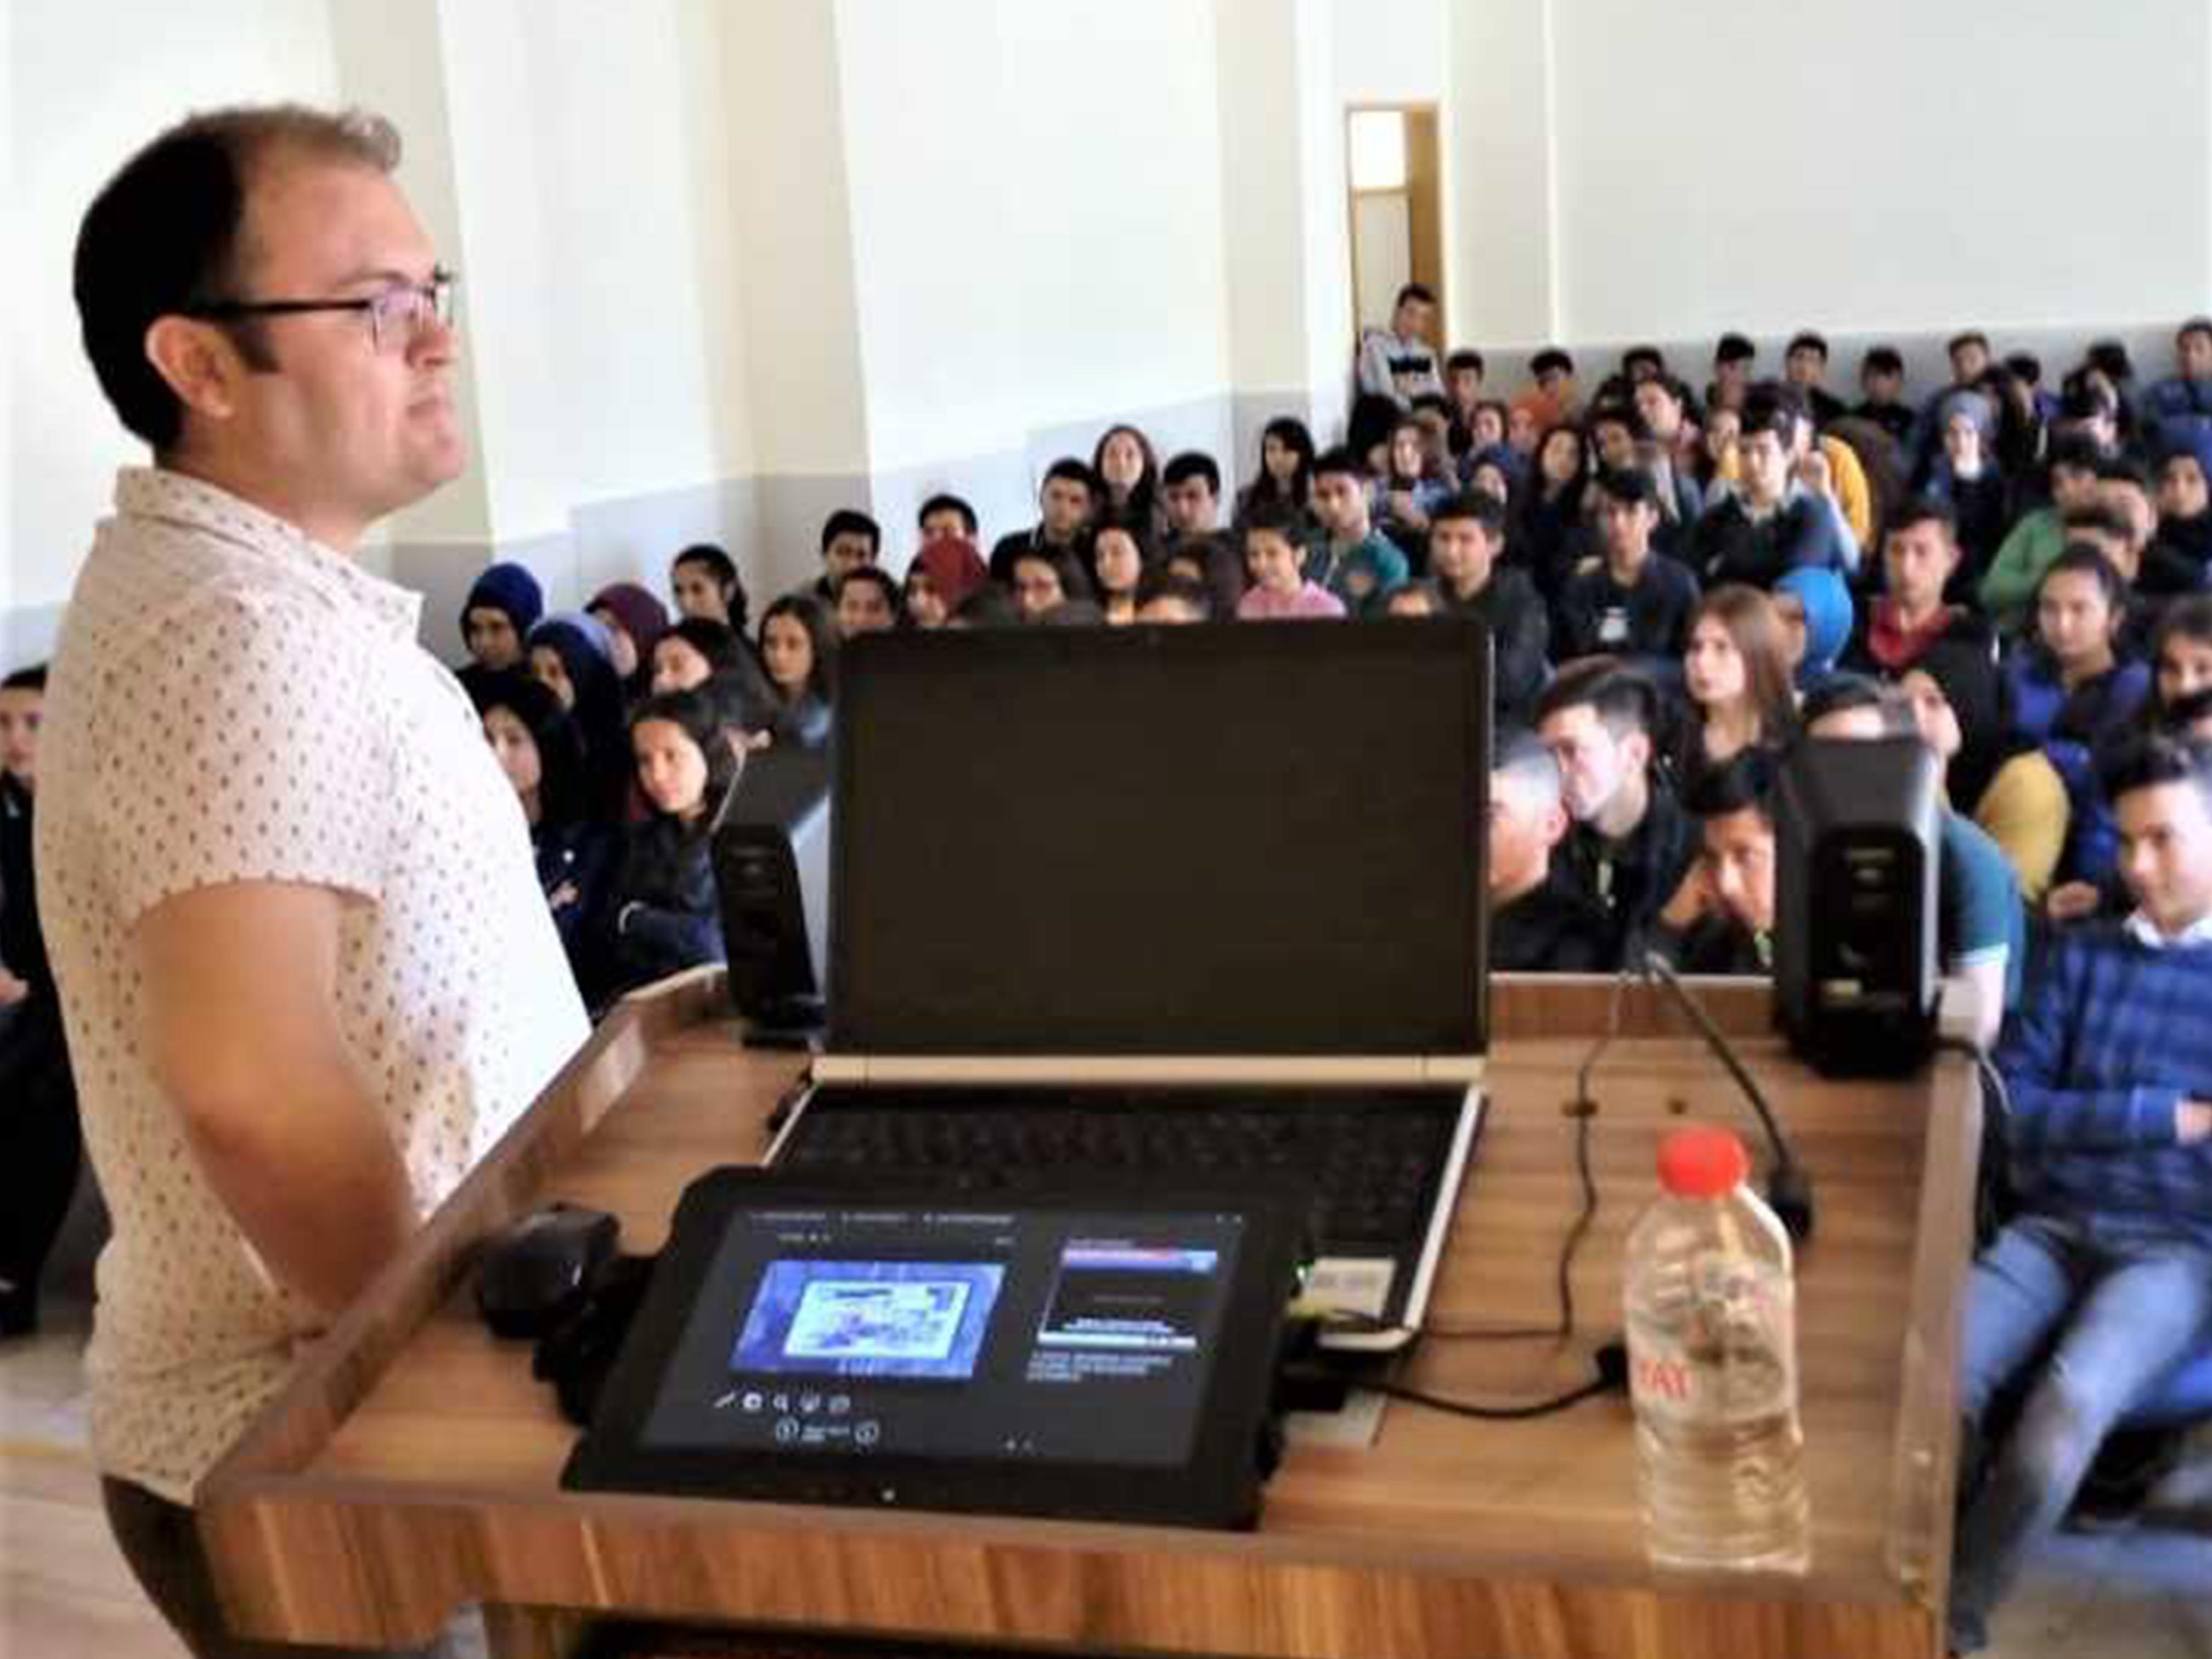 Mersin Bozyazı Mesleki Teknik ve Anadolu Lisesi, Bilinçli Ve Güvenli İnternet Semineri